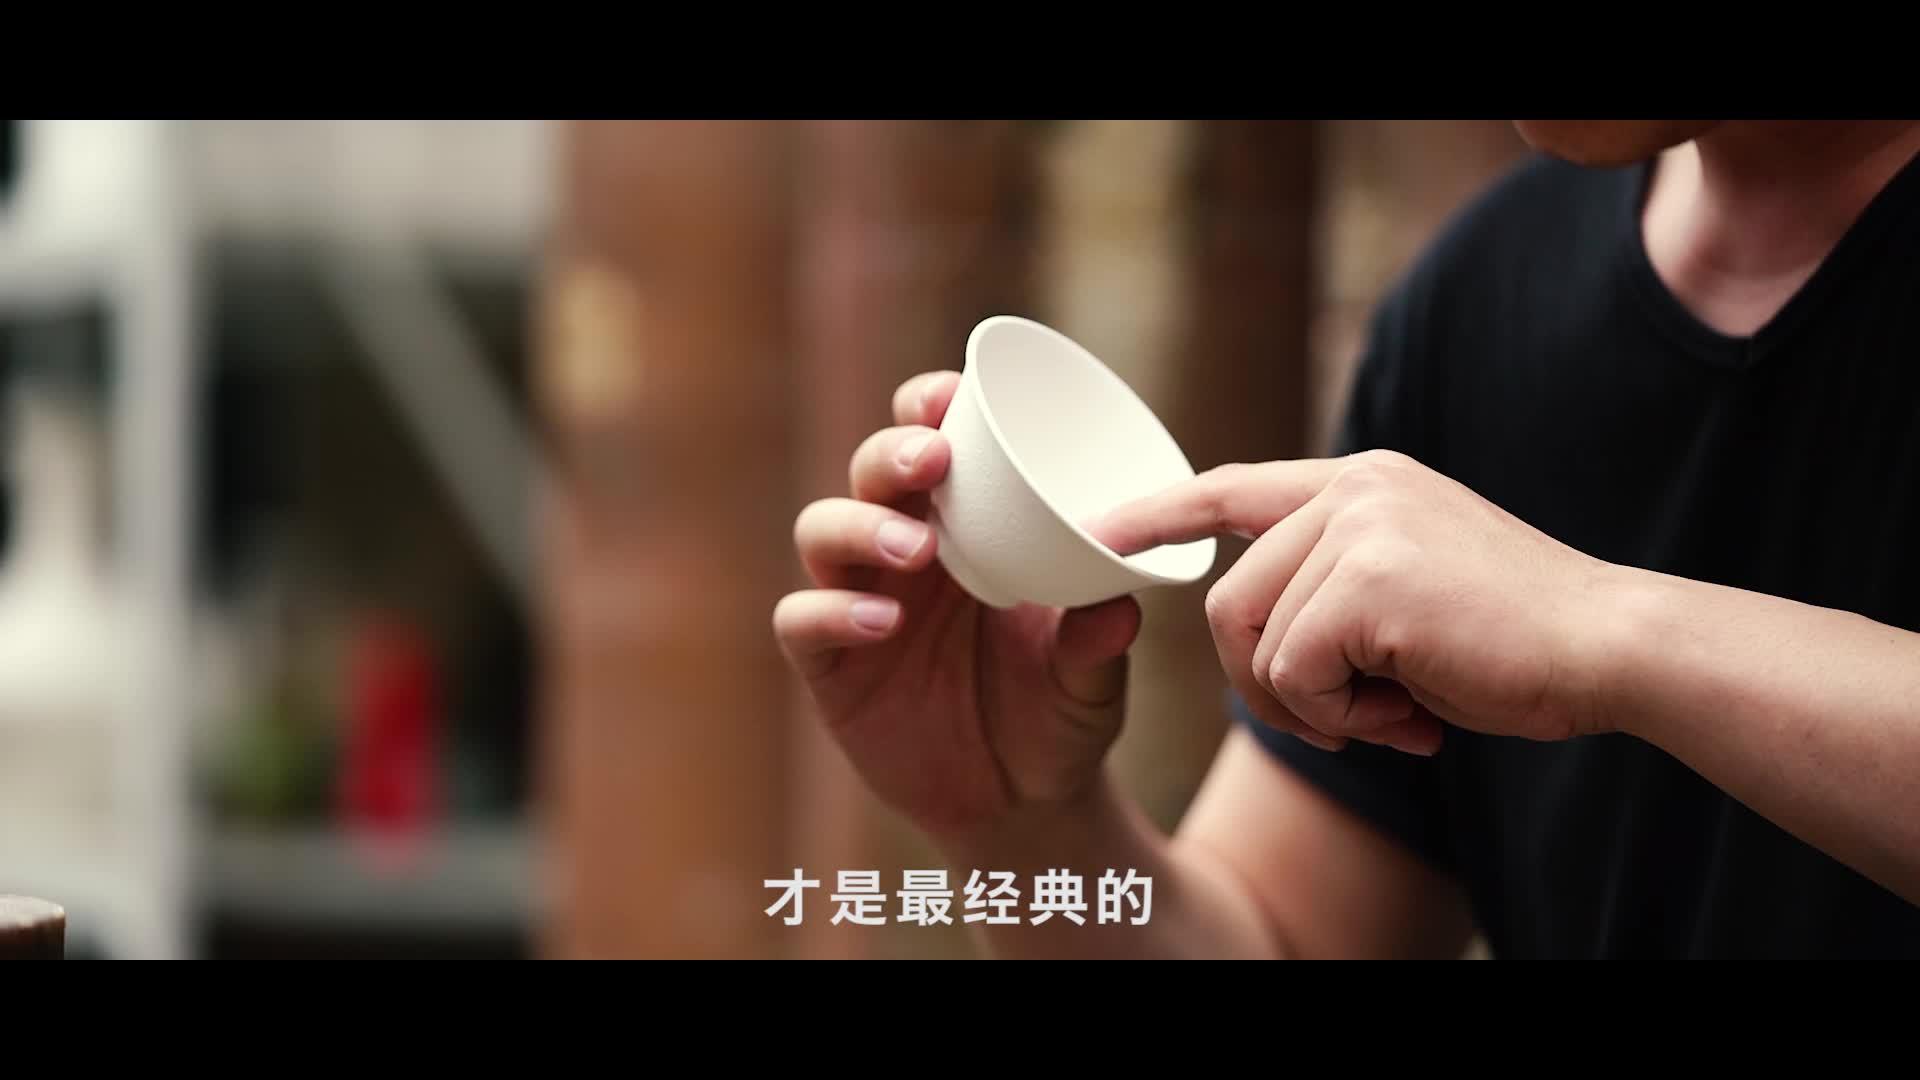 「预告片」青花梅瓶匠人熊光鑫